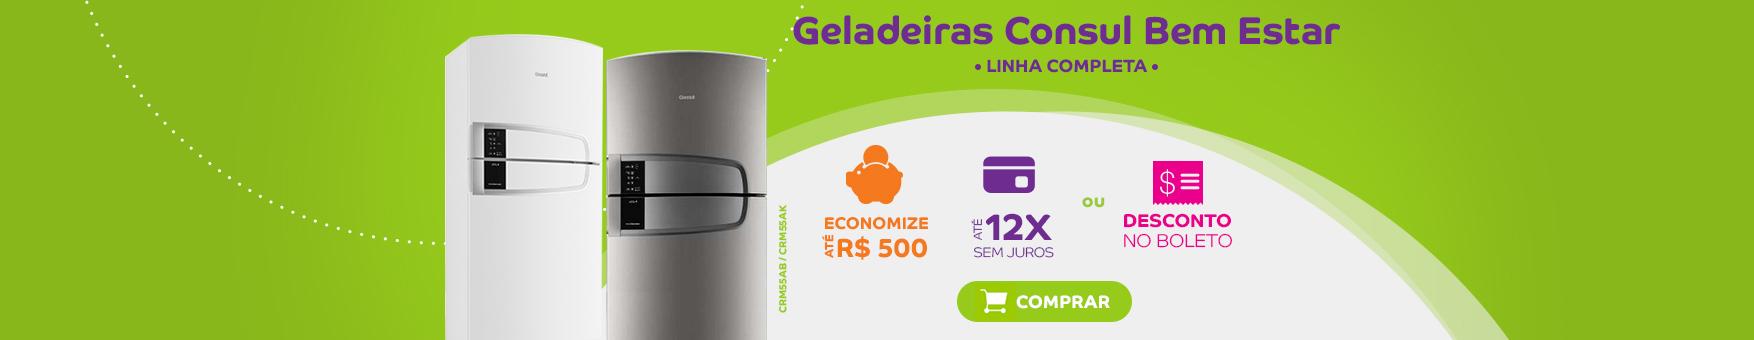 Promoção Interna - 109 - categoria_geladeiras_home_1071015 - geladeiras - 5